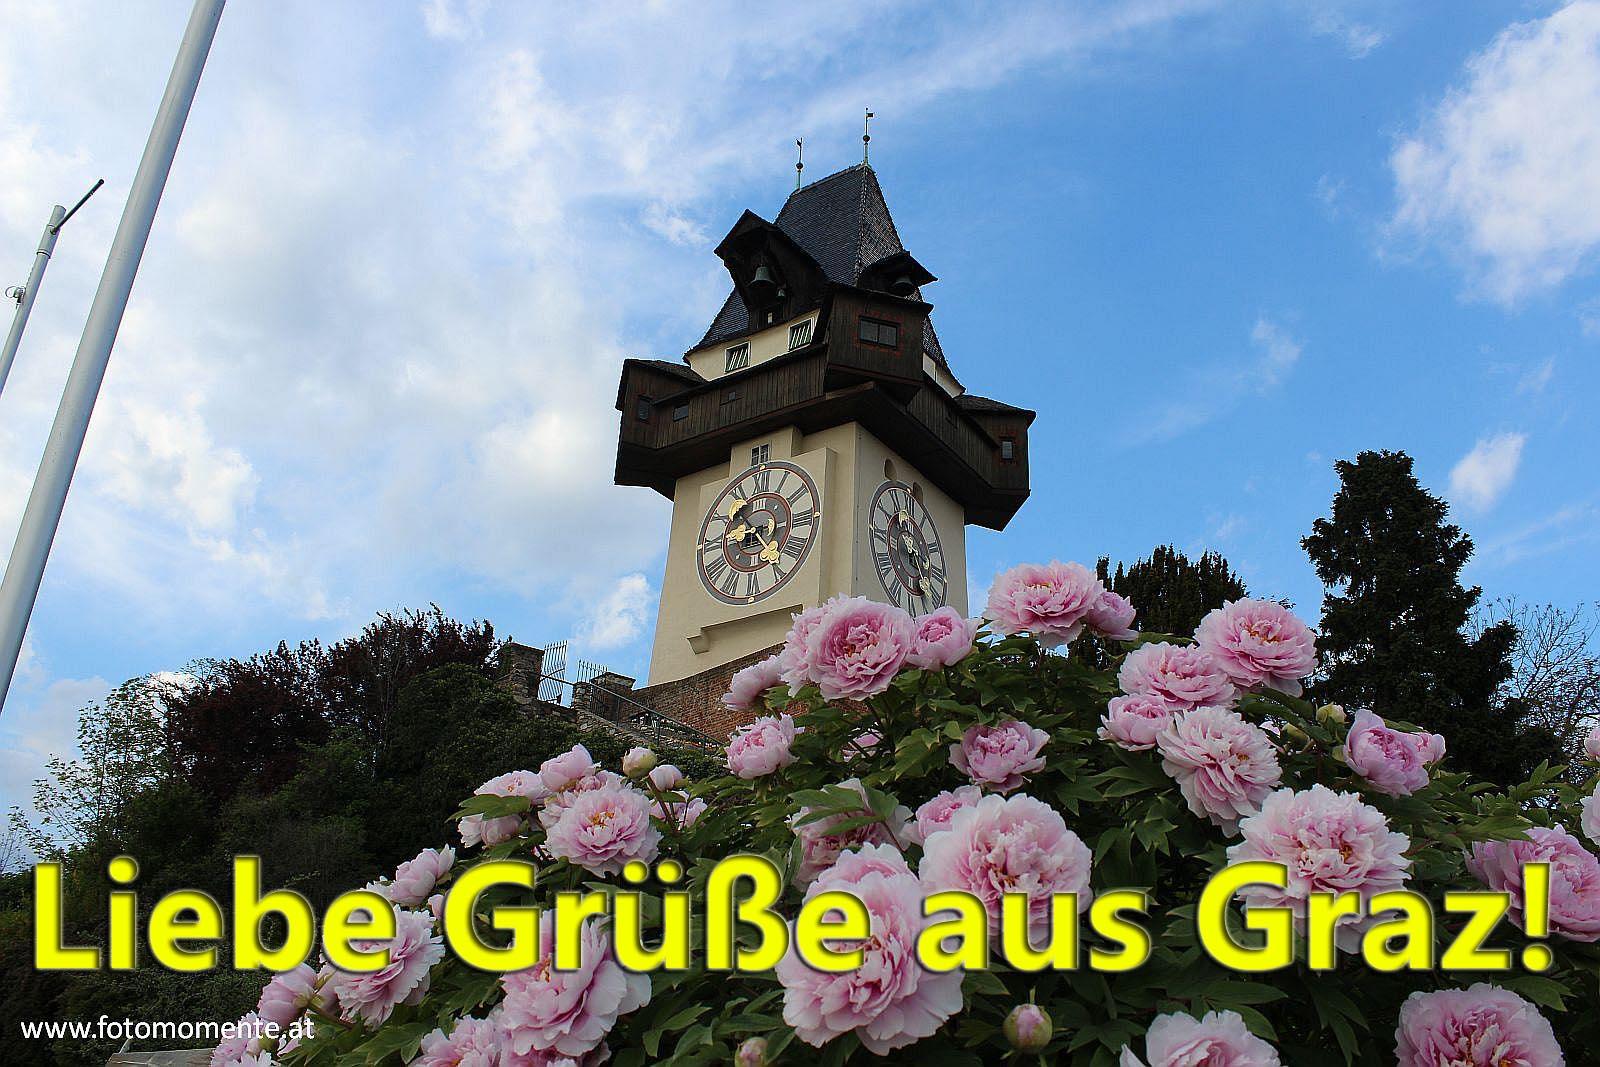 Uhrturm mit Pfingstrosen grusskarte - Liebe Grüße aus Graz - Grazer Uhrturm